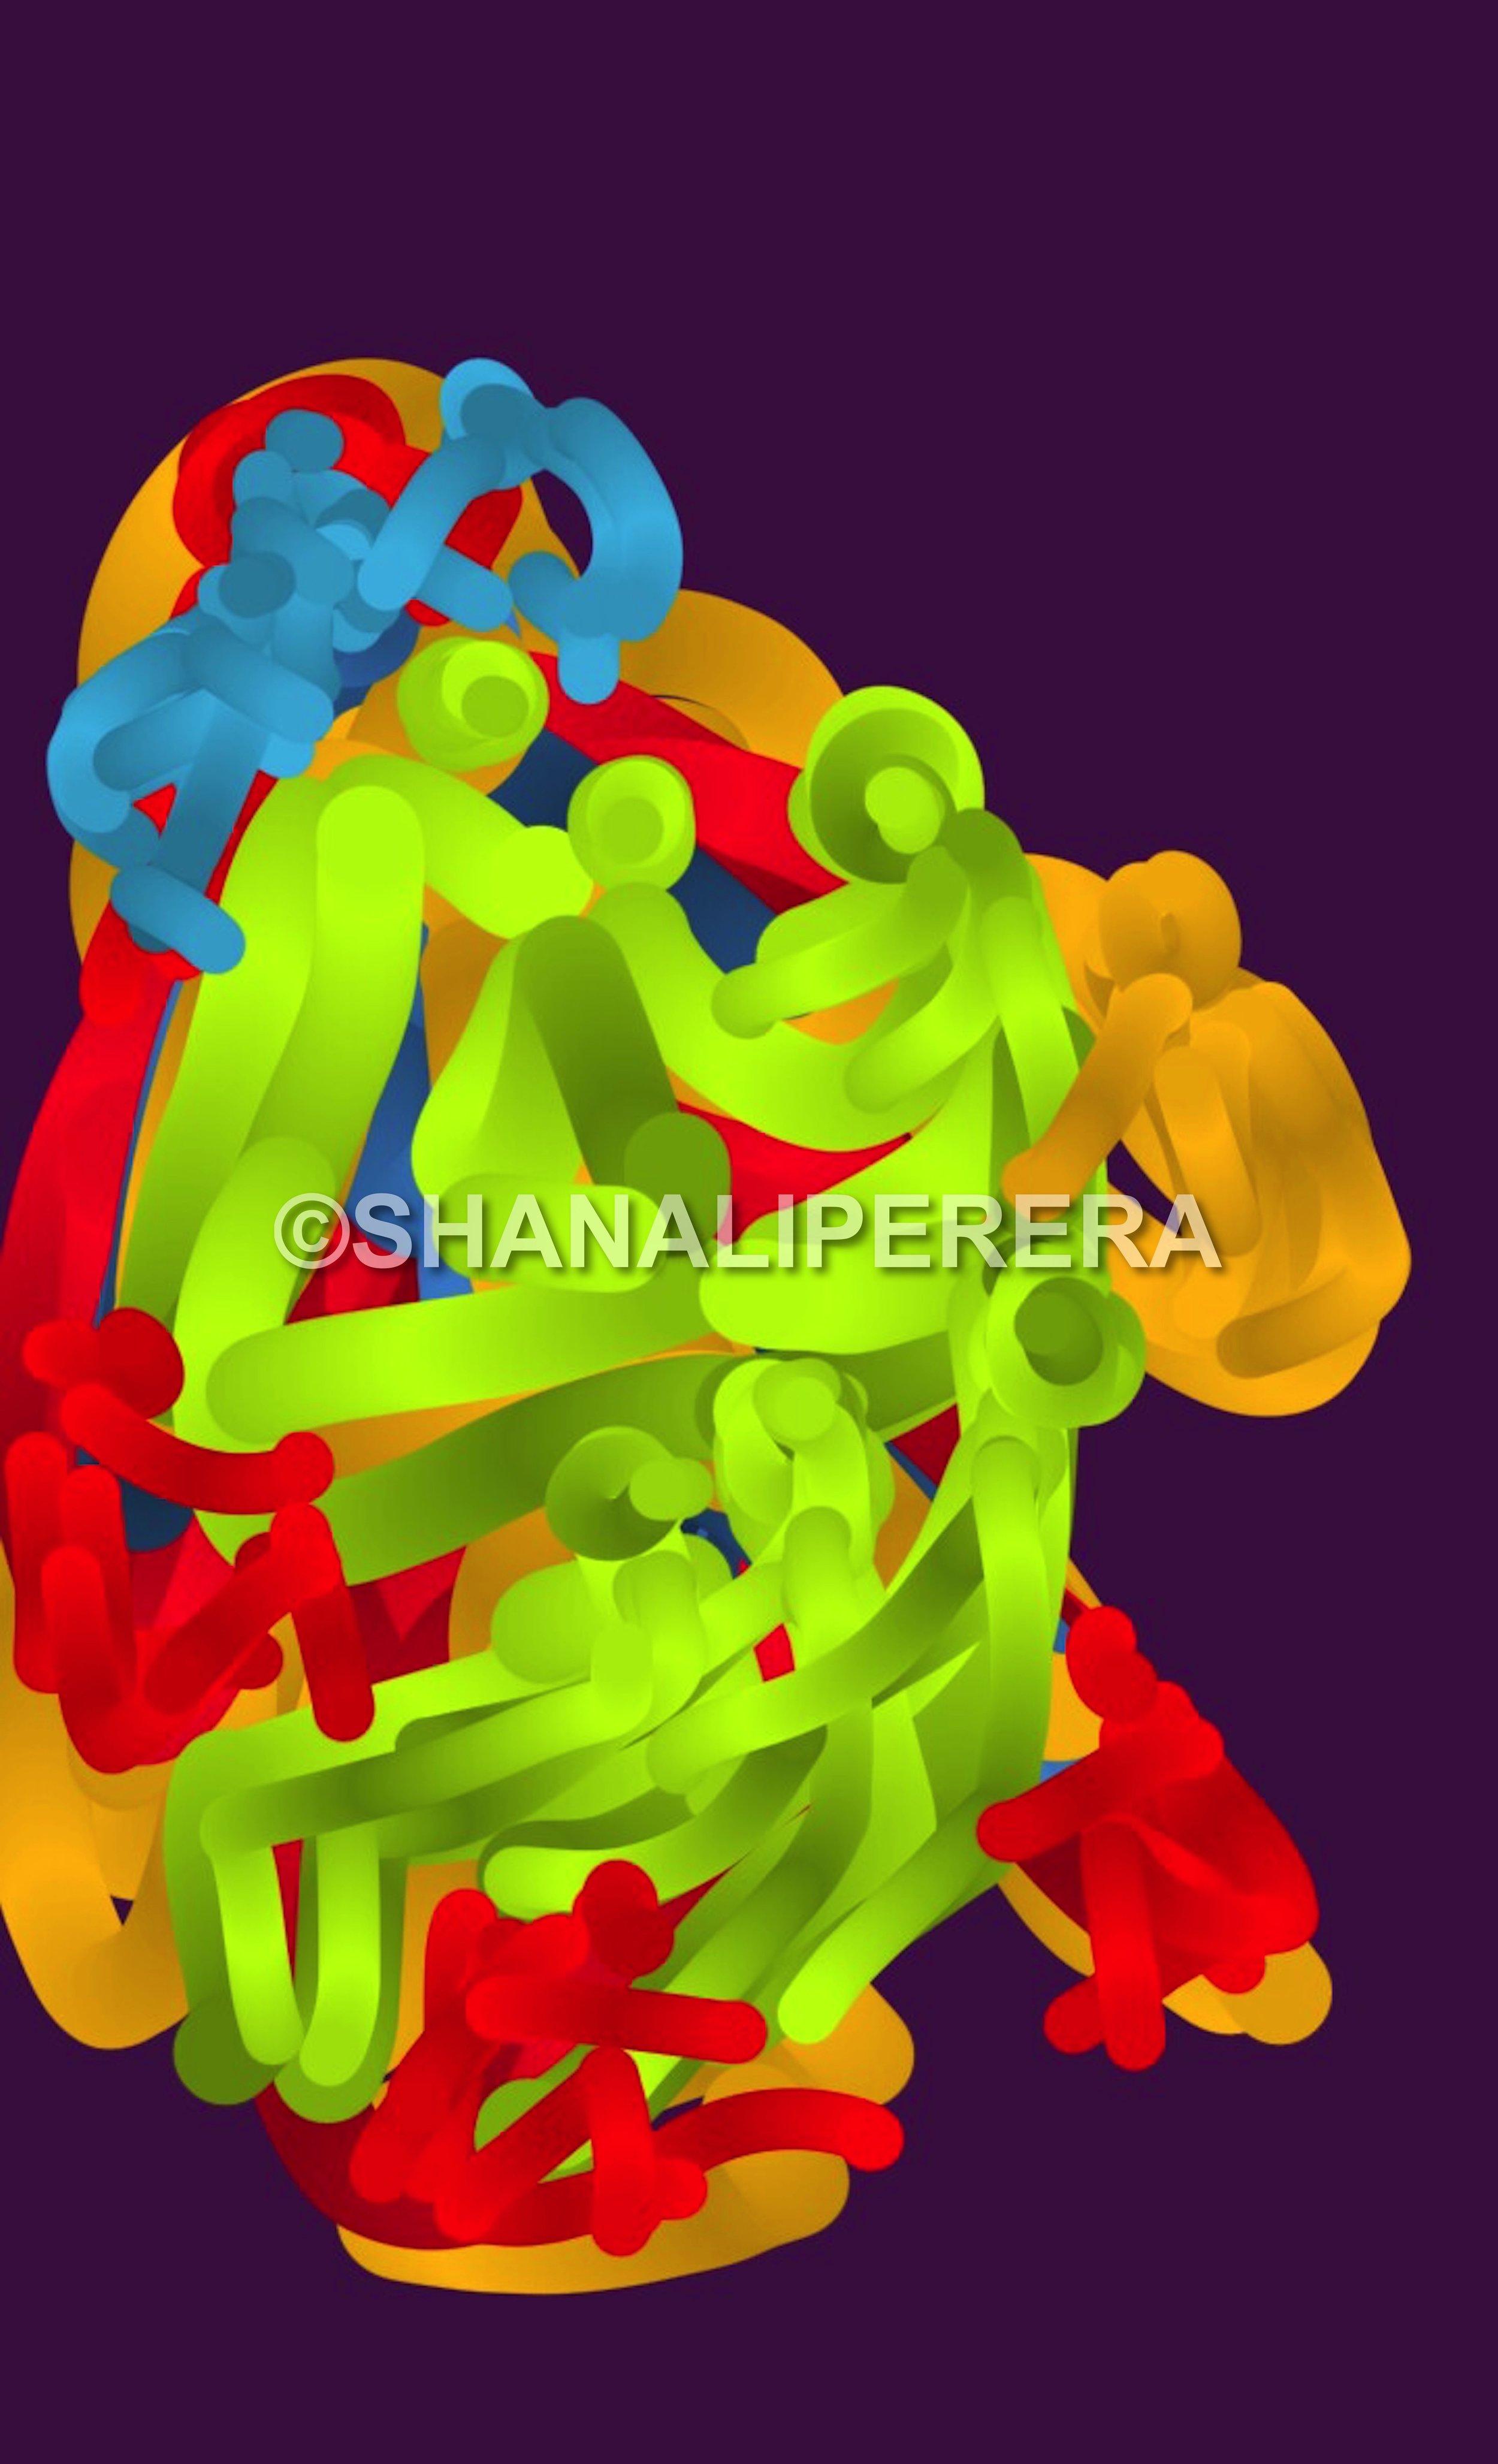 sketch-1442448363590-1.jpg